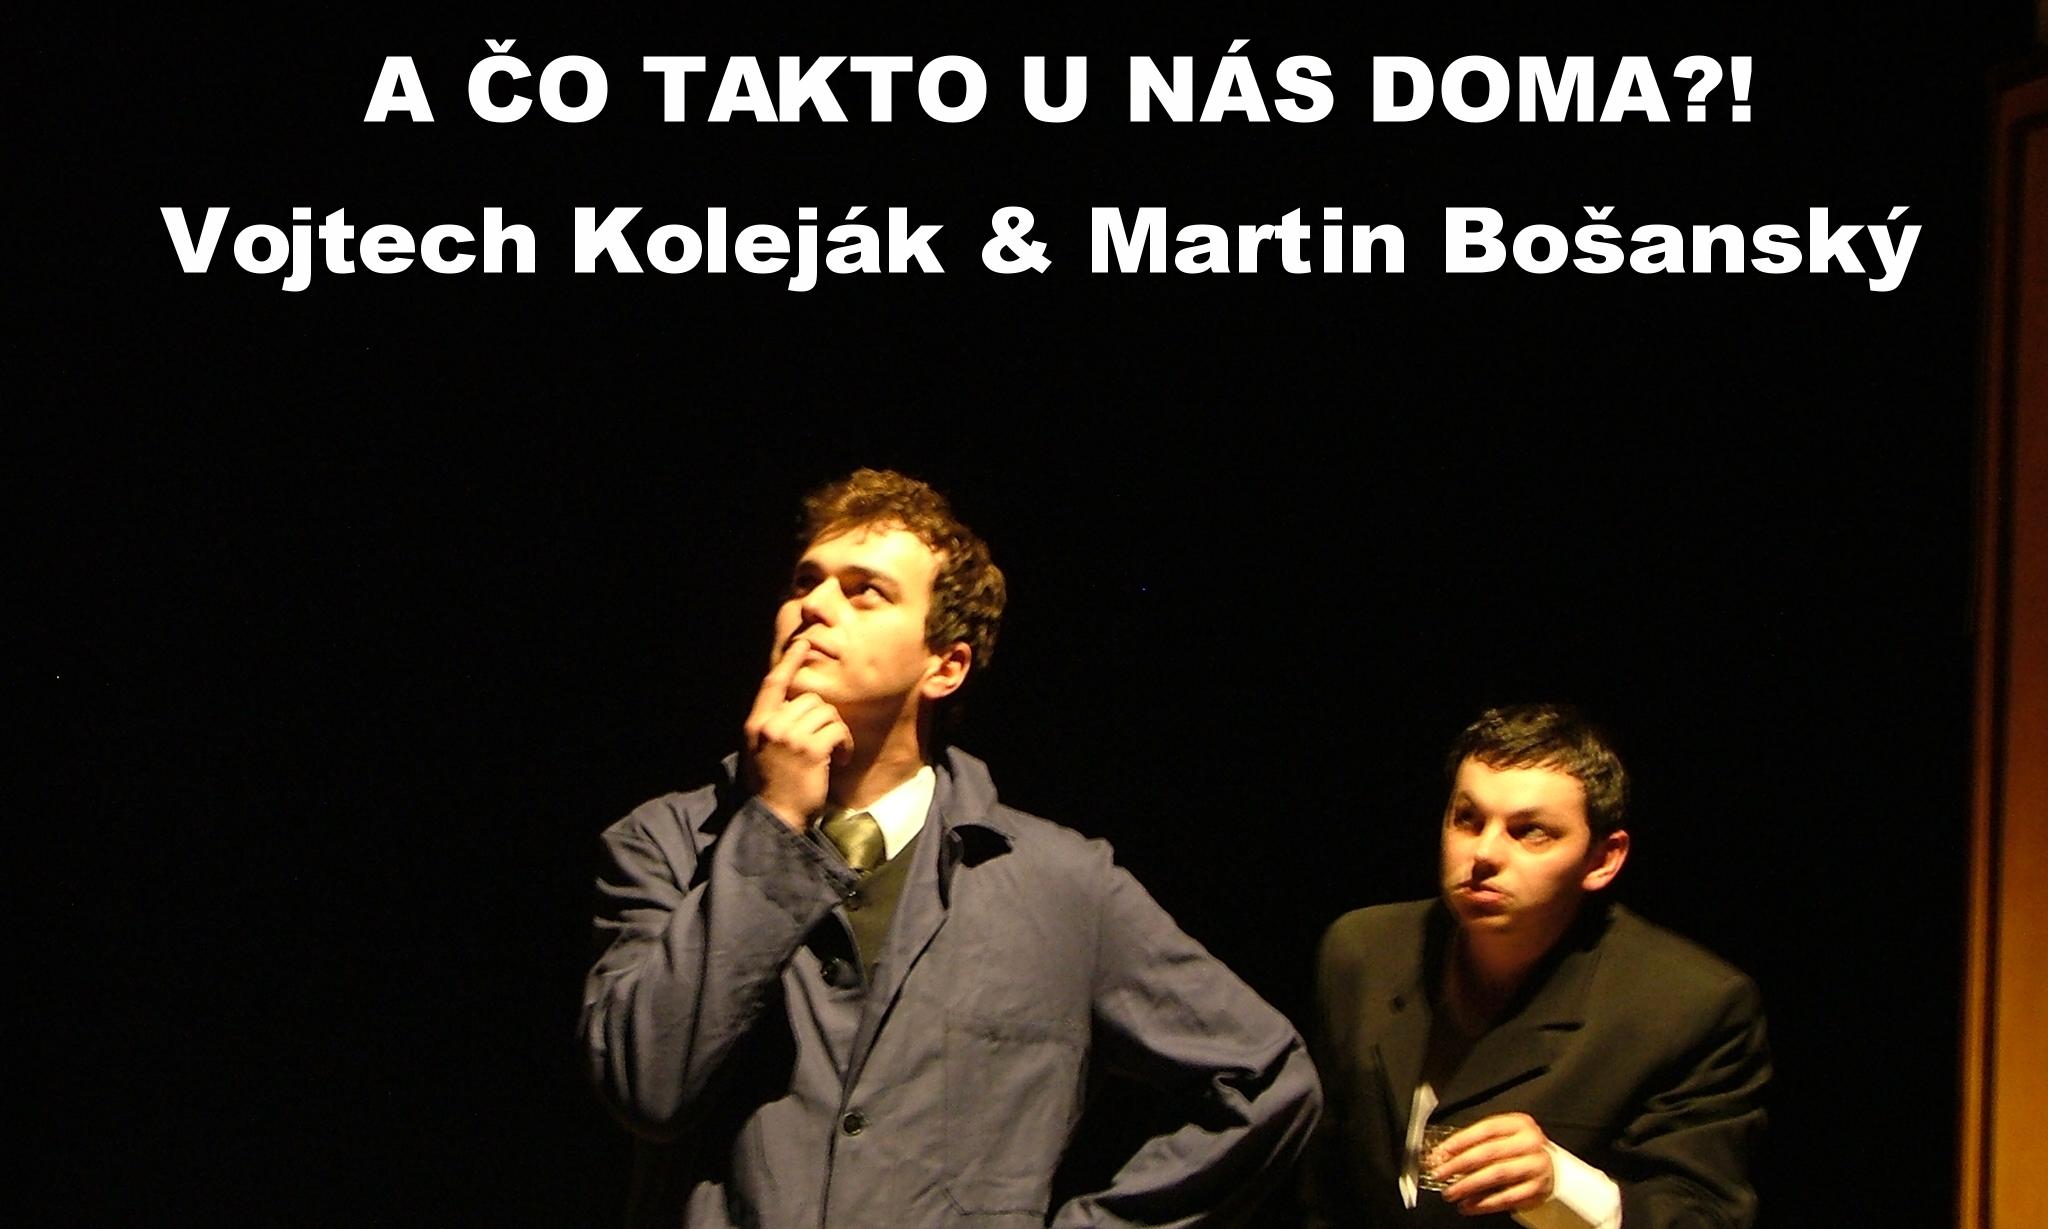 2007 Trieska v oku alias Ochotnícke divadlo Dionýza Kolenského pri Gymnáziu Martina Hattalu v Trstenej / V. Koleják & M. Bošanský : A čo takto u nás doma?! 1,2,3  / dialógy, skeče komickej dvojice